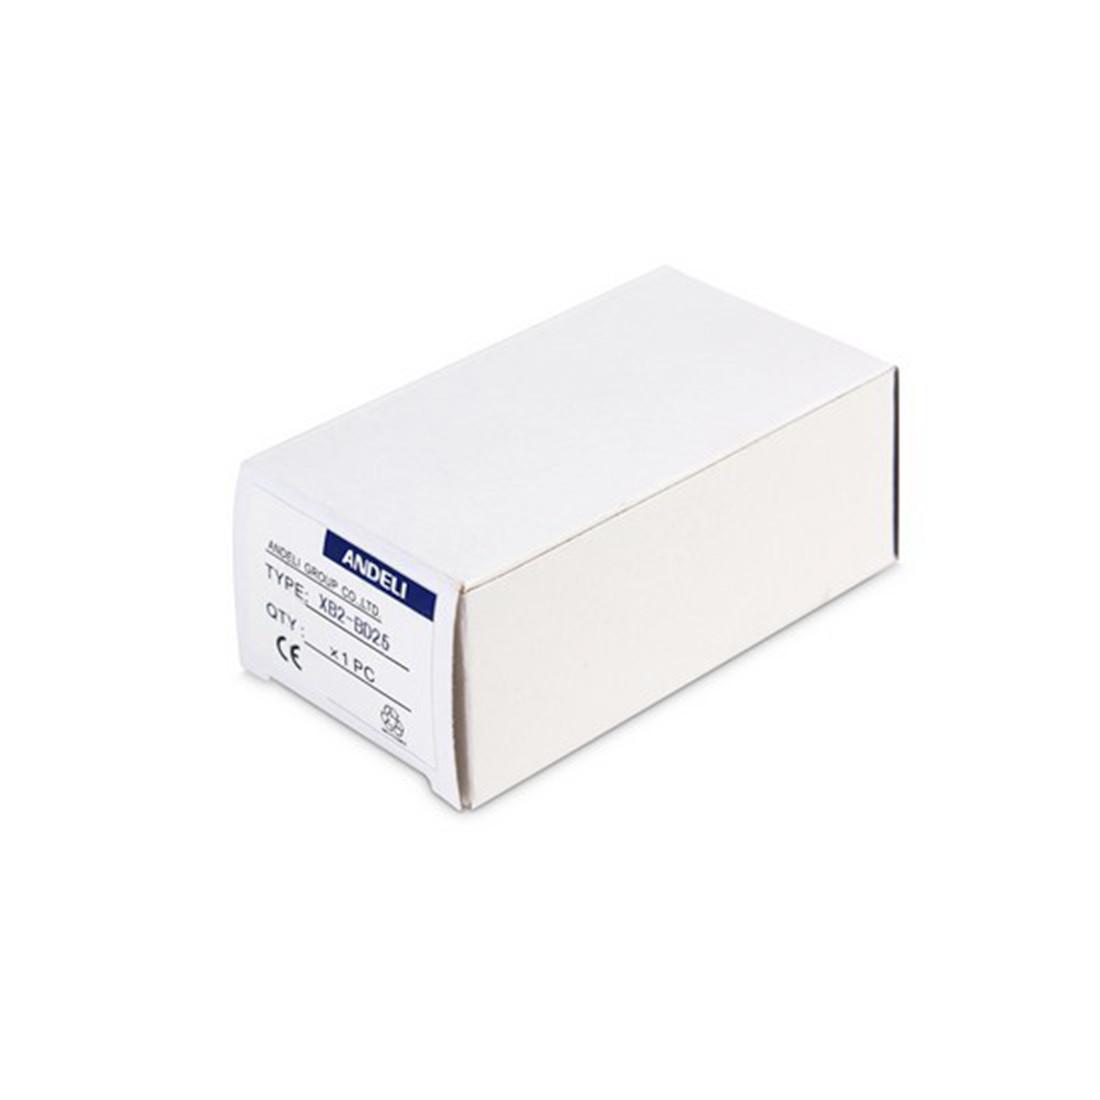 Переключатель ANDELI XB2-BJ53